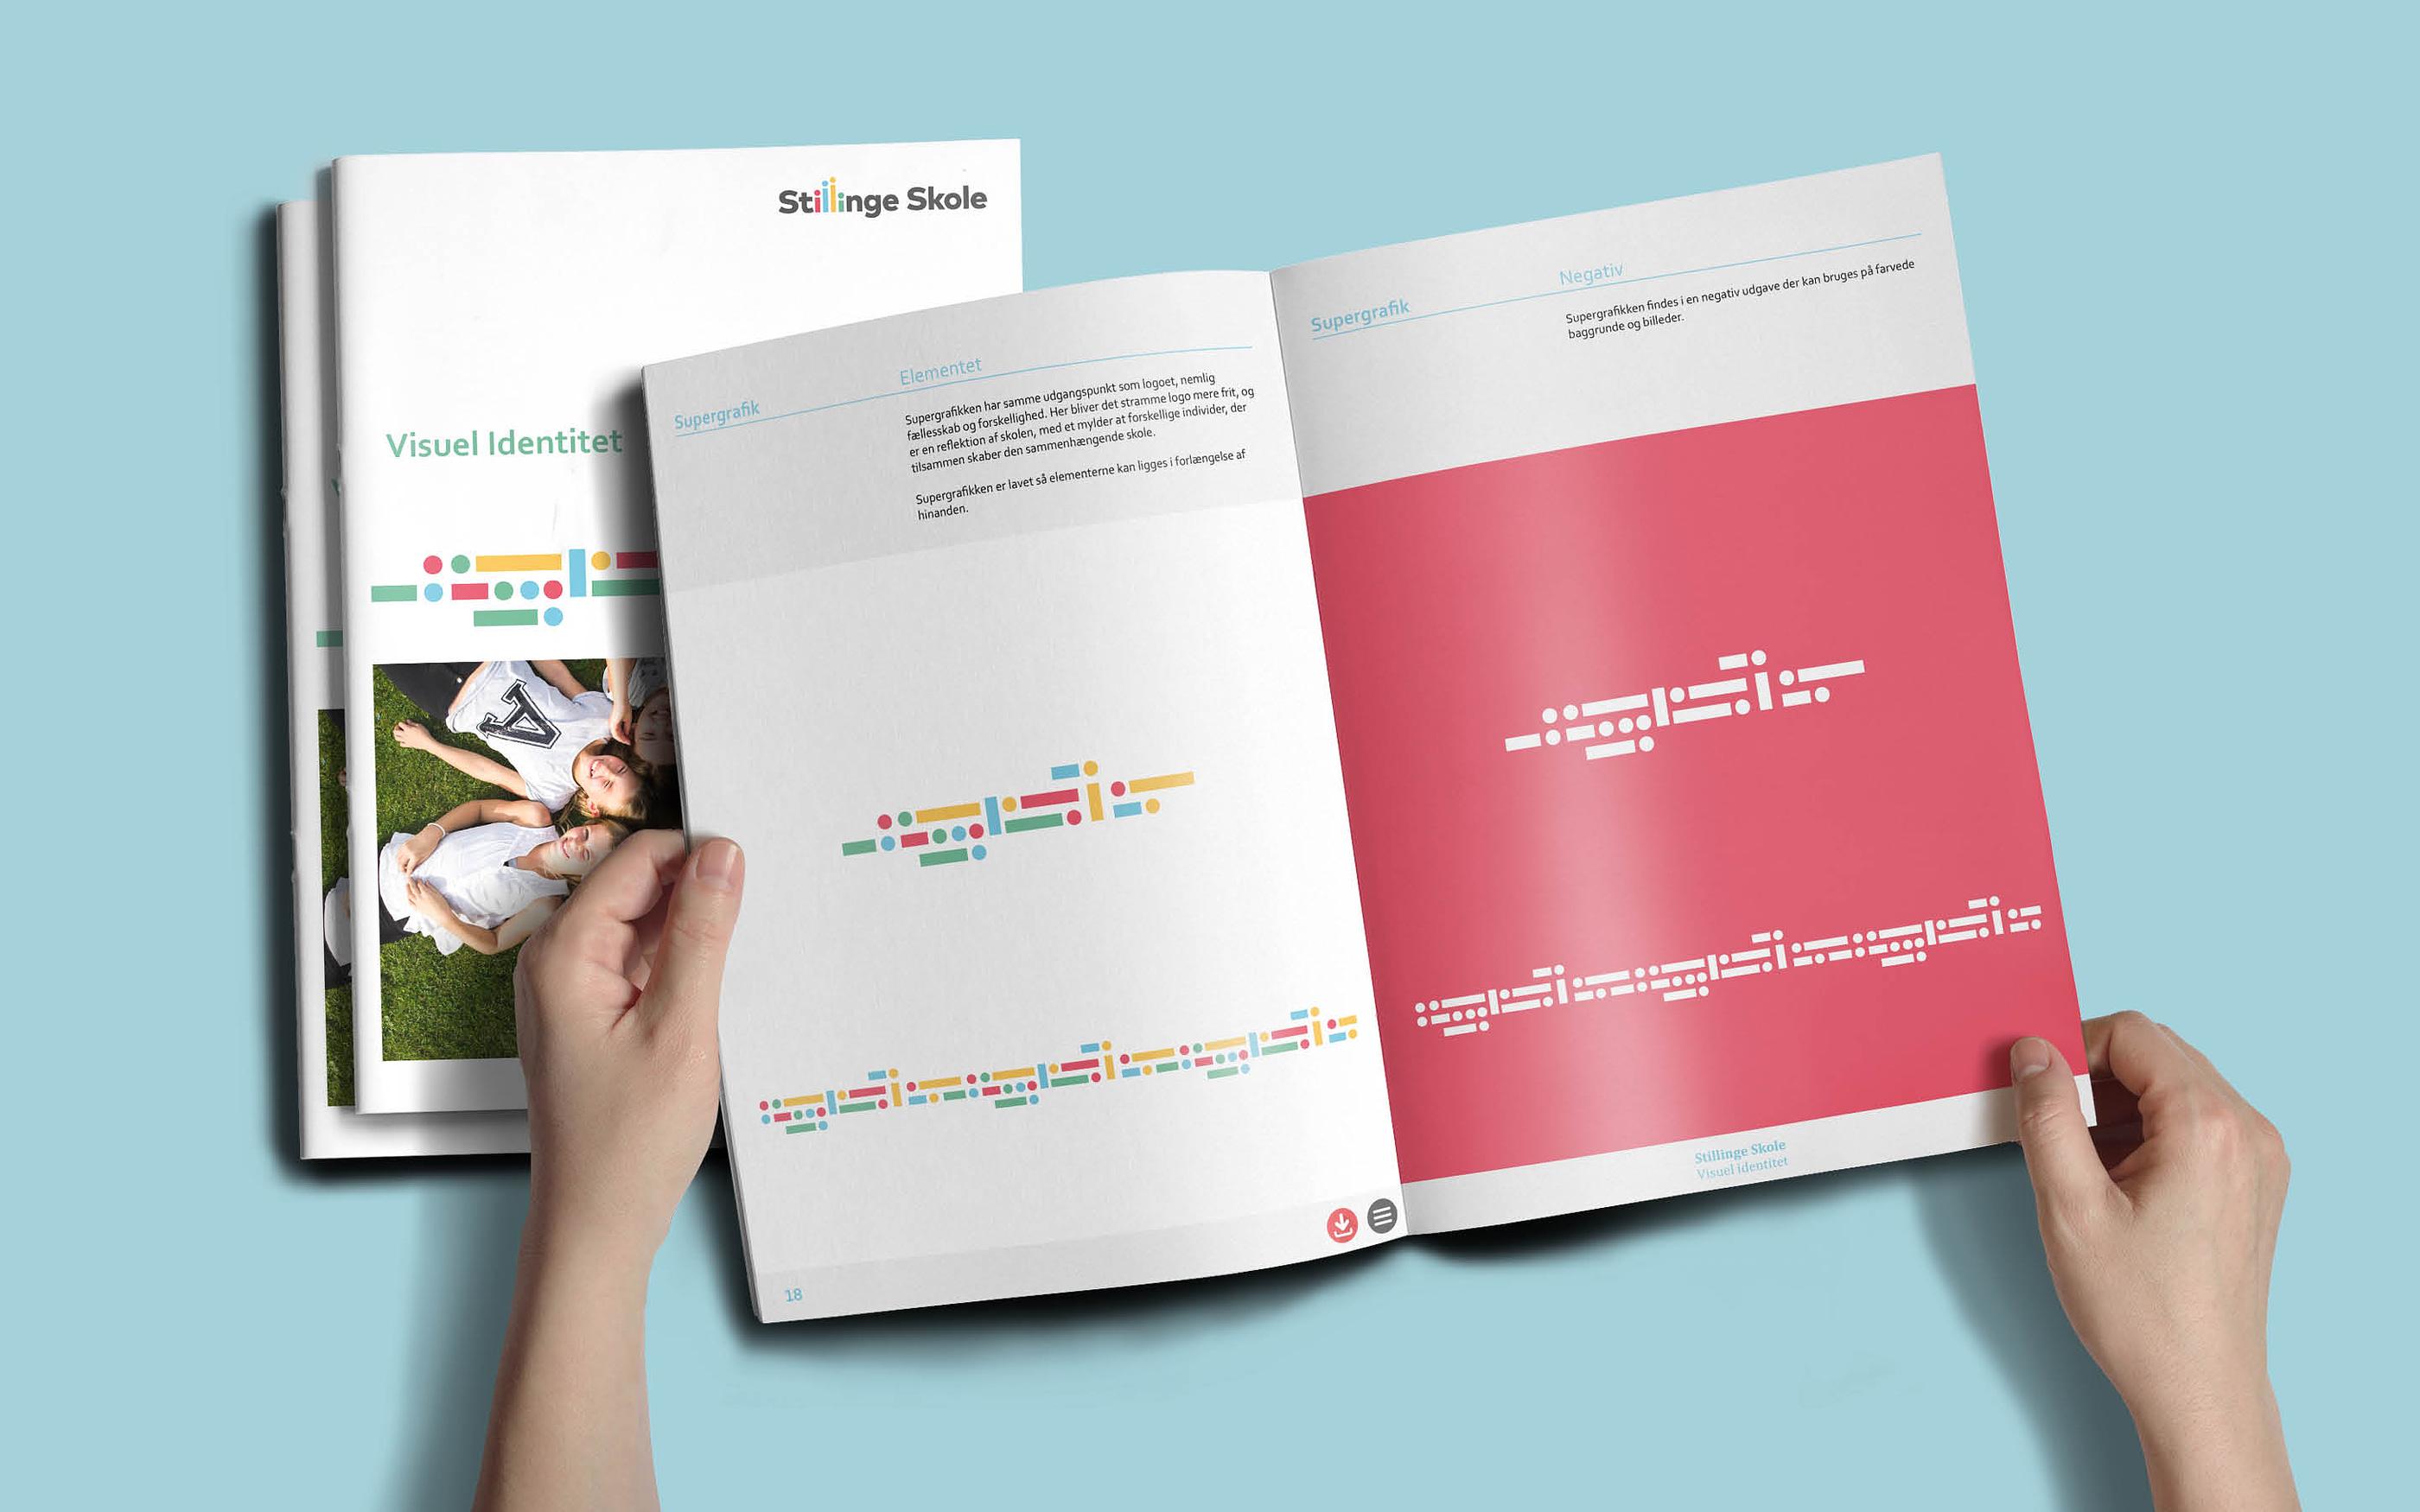 Supergrafik som del af designmanual til Stillinge Skole